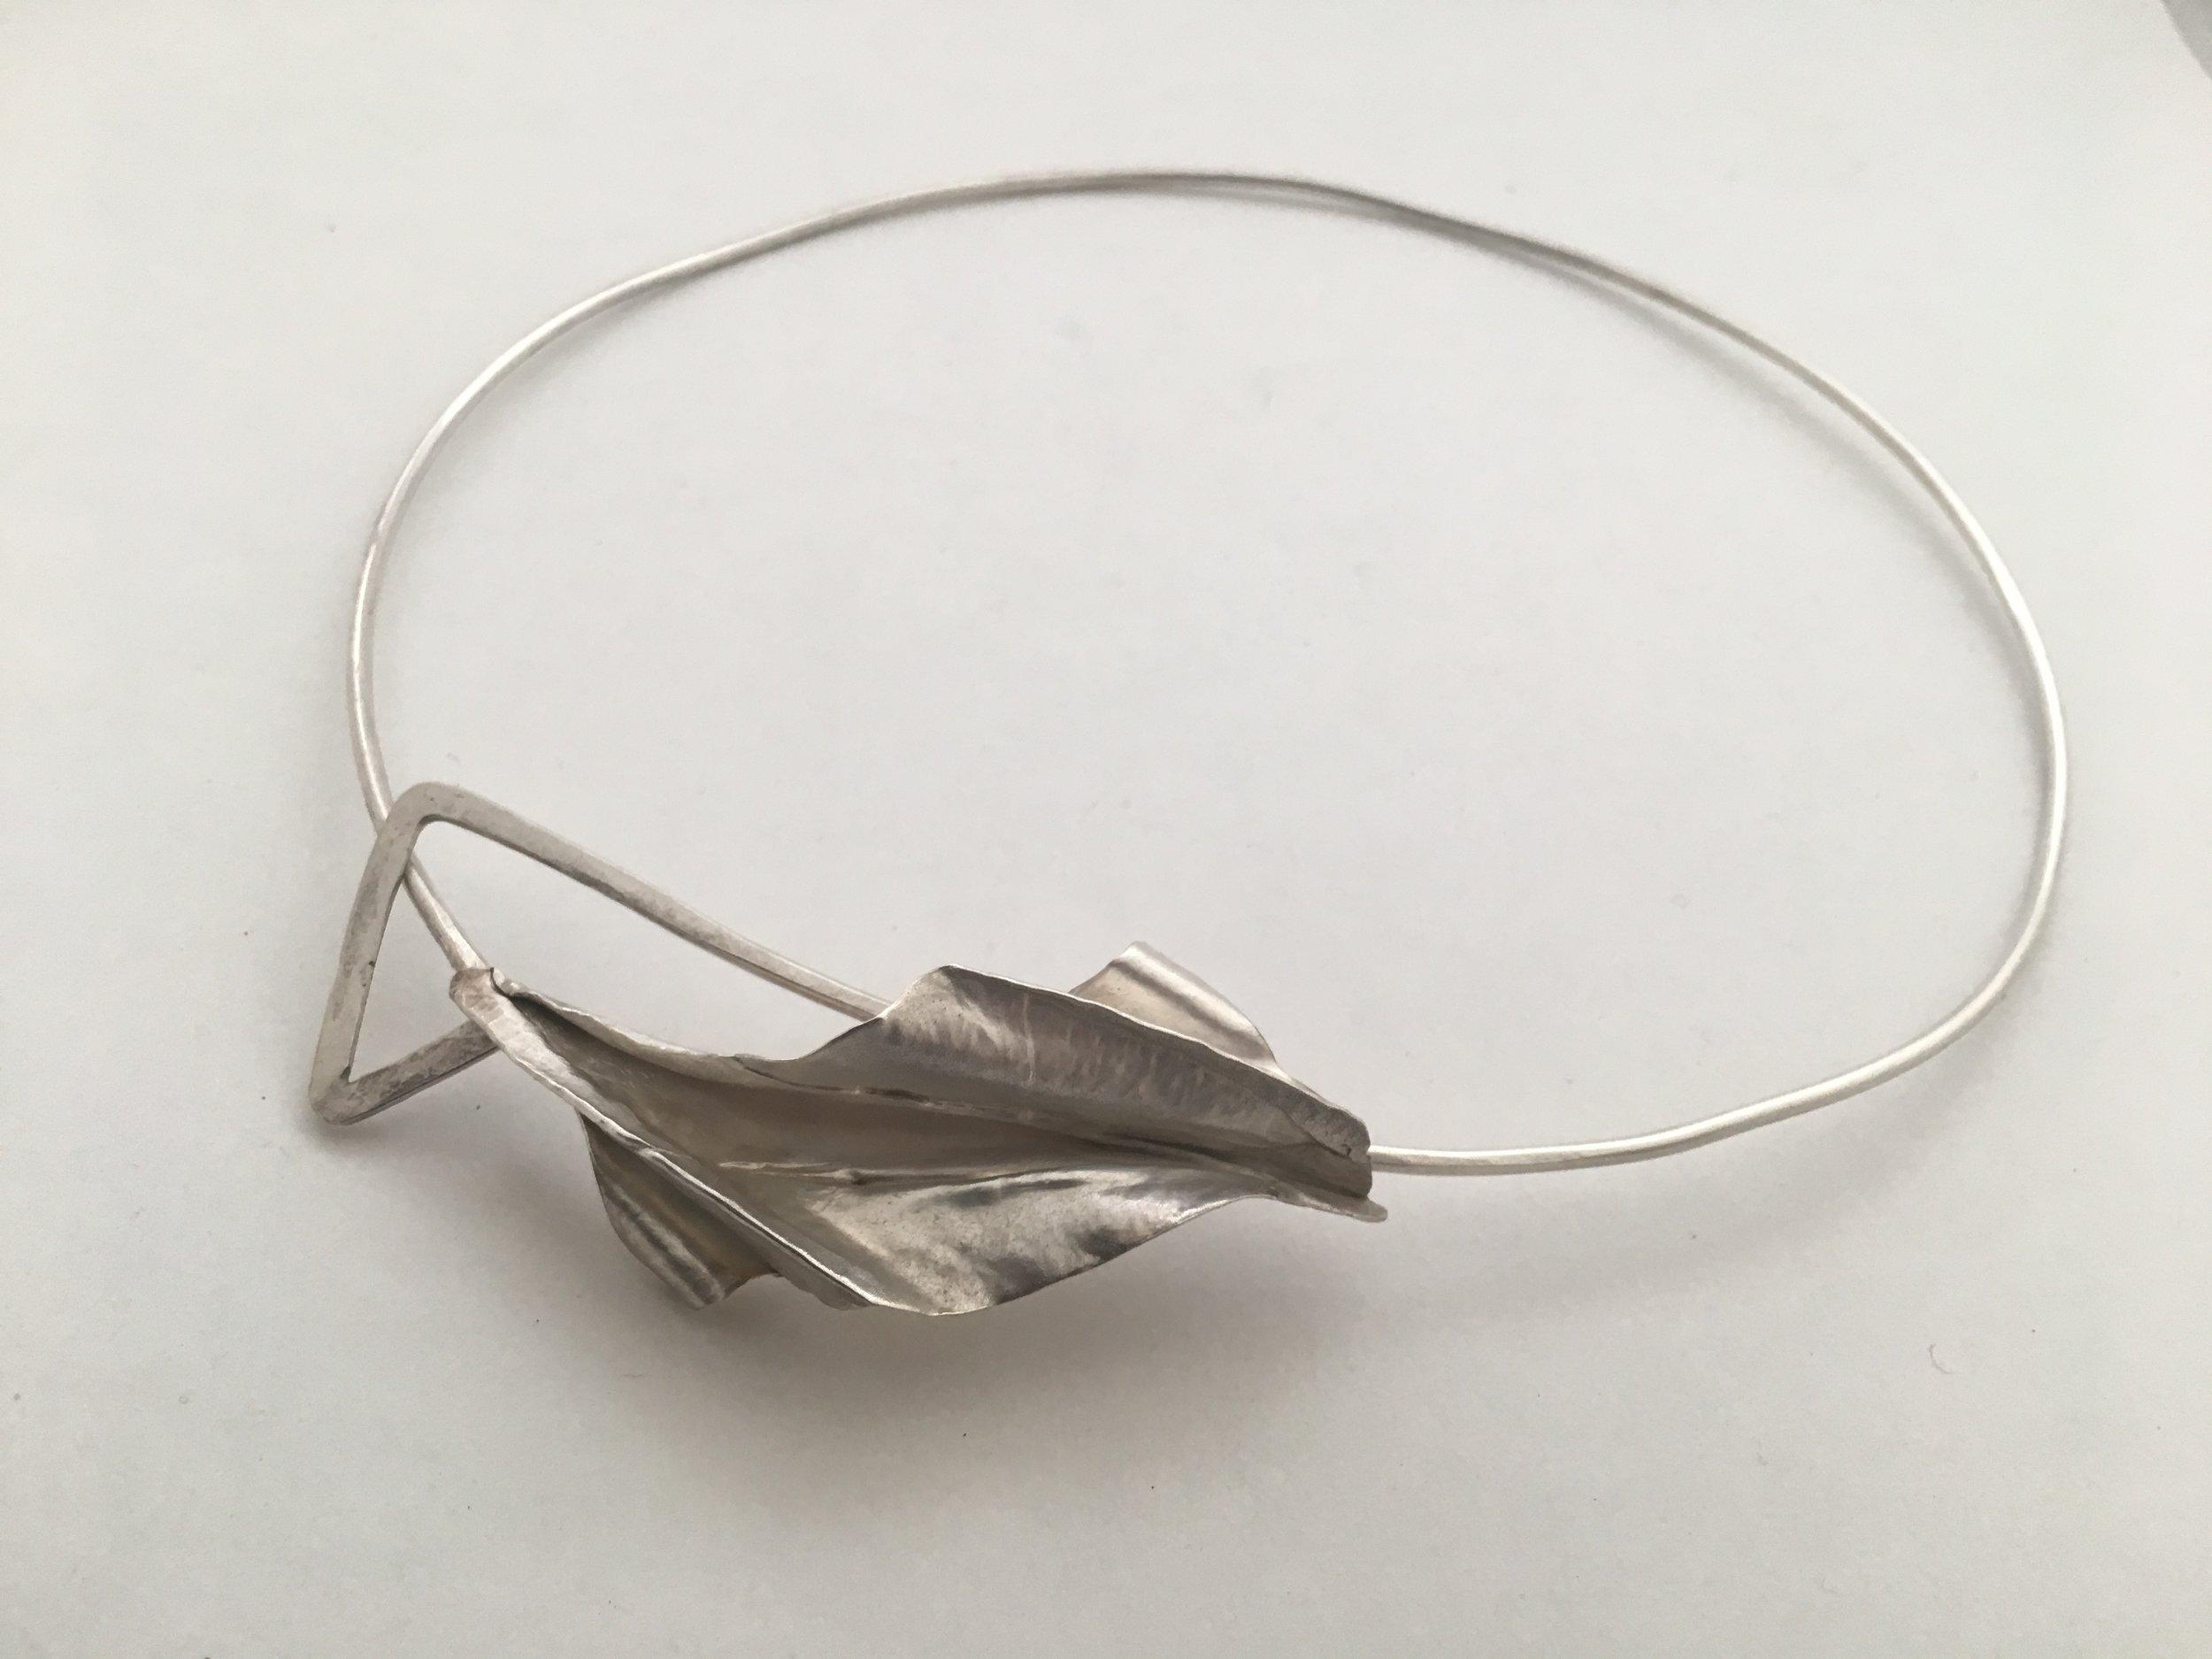 Sterling Silver Foldform Neckpiece